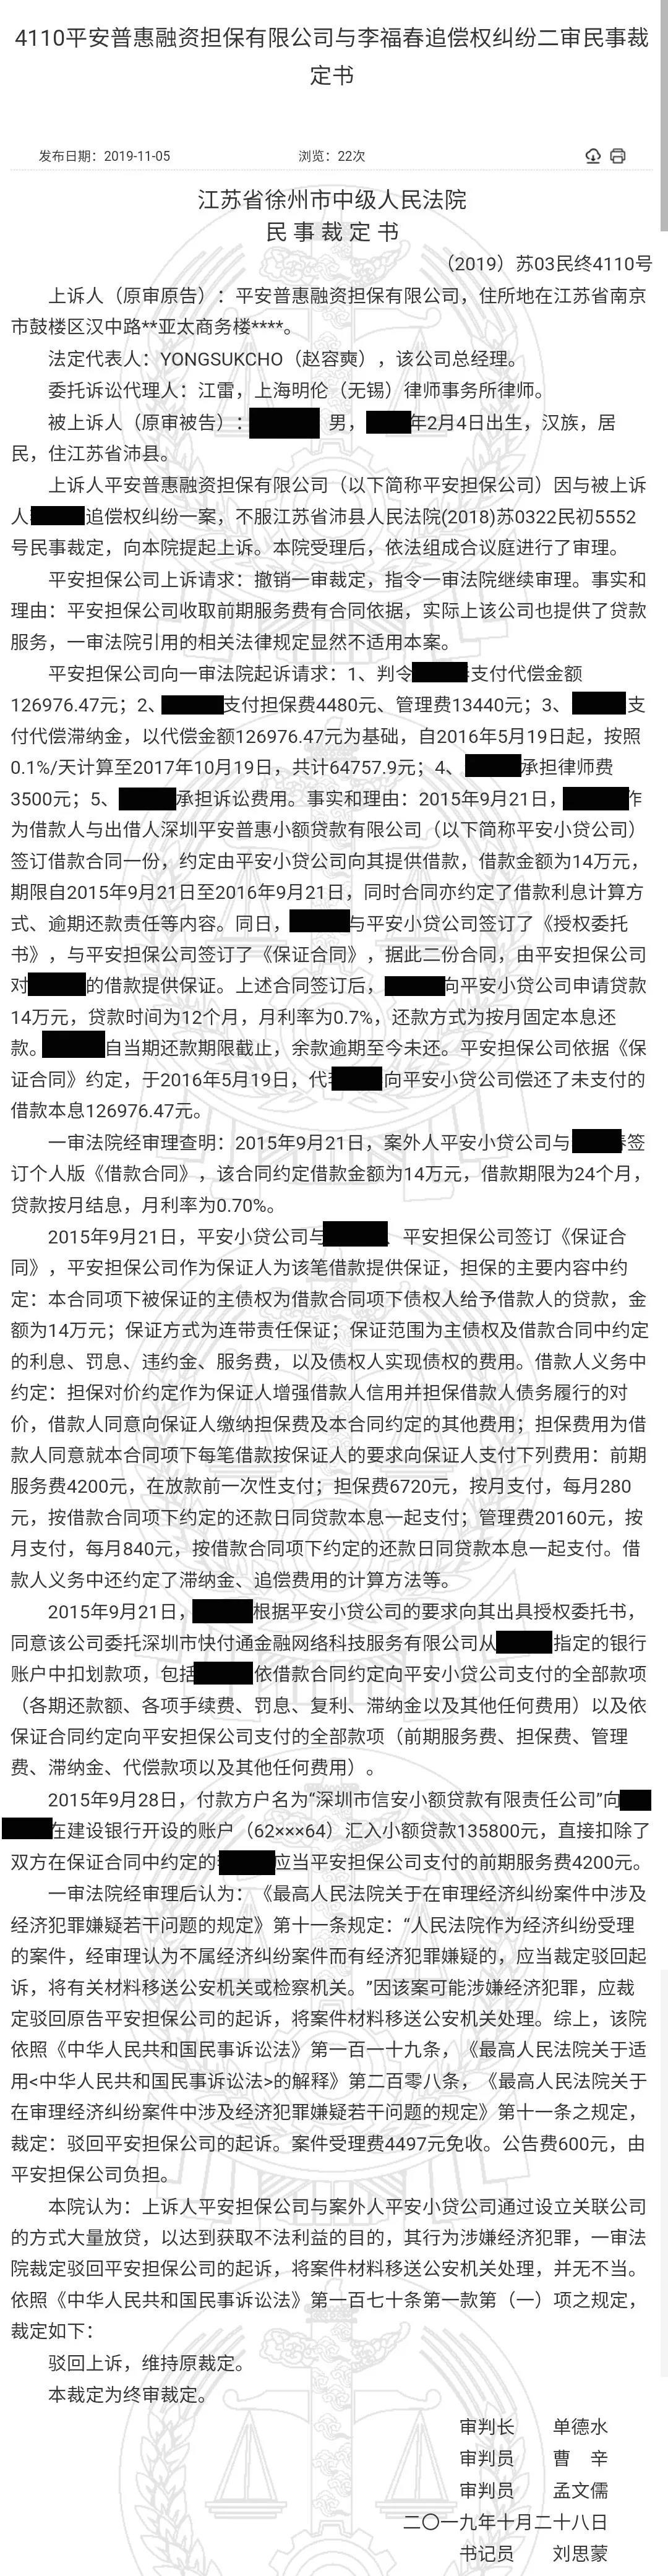 平安普惠通过设立关联公司大量放贷 法院:涉嫌经济犯罪47 / 作者:卡农大美 /